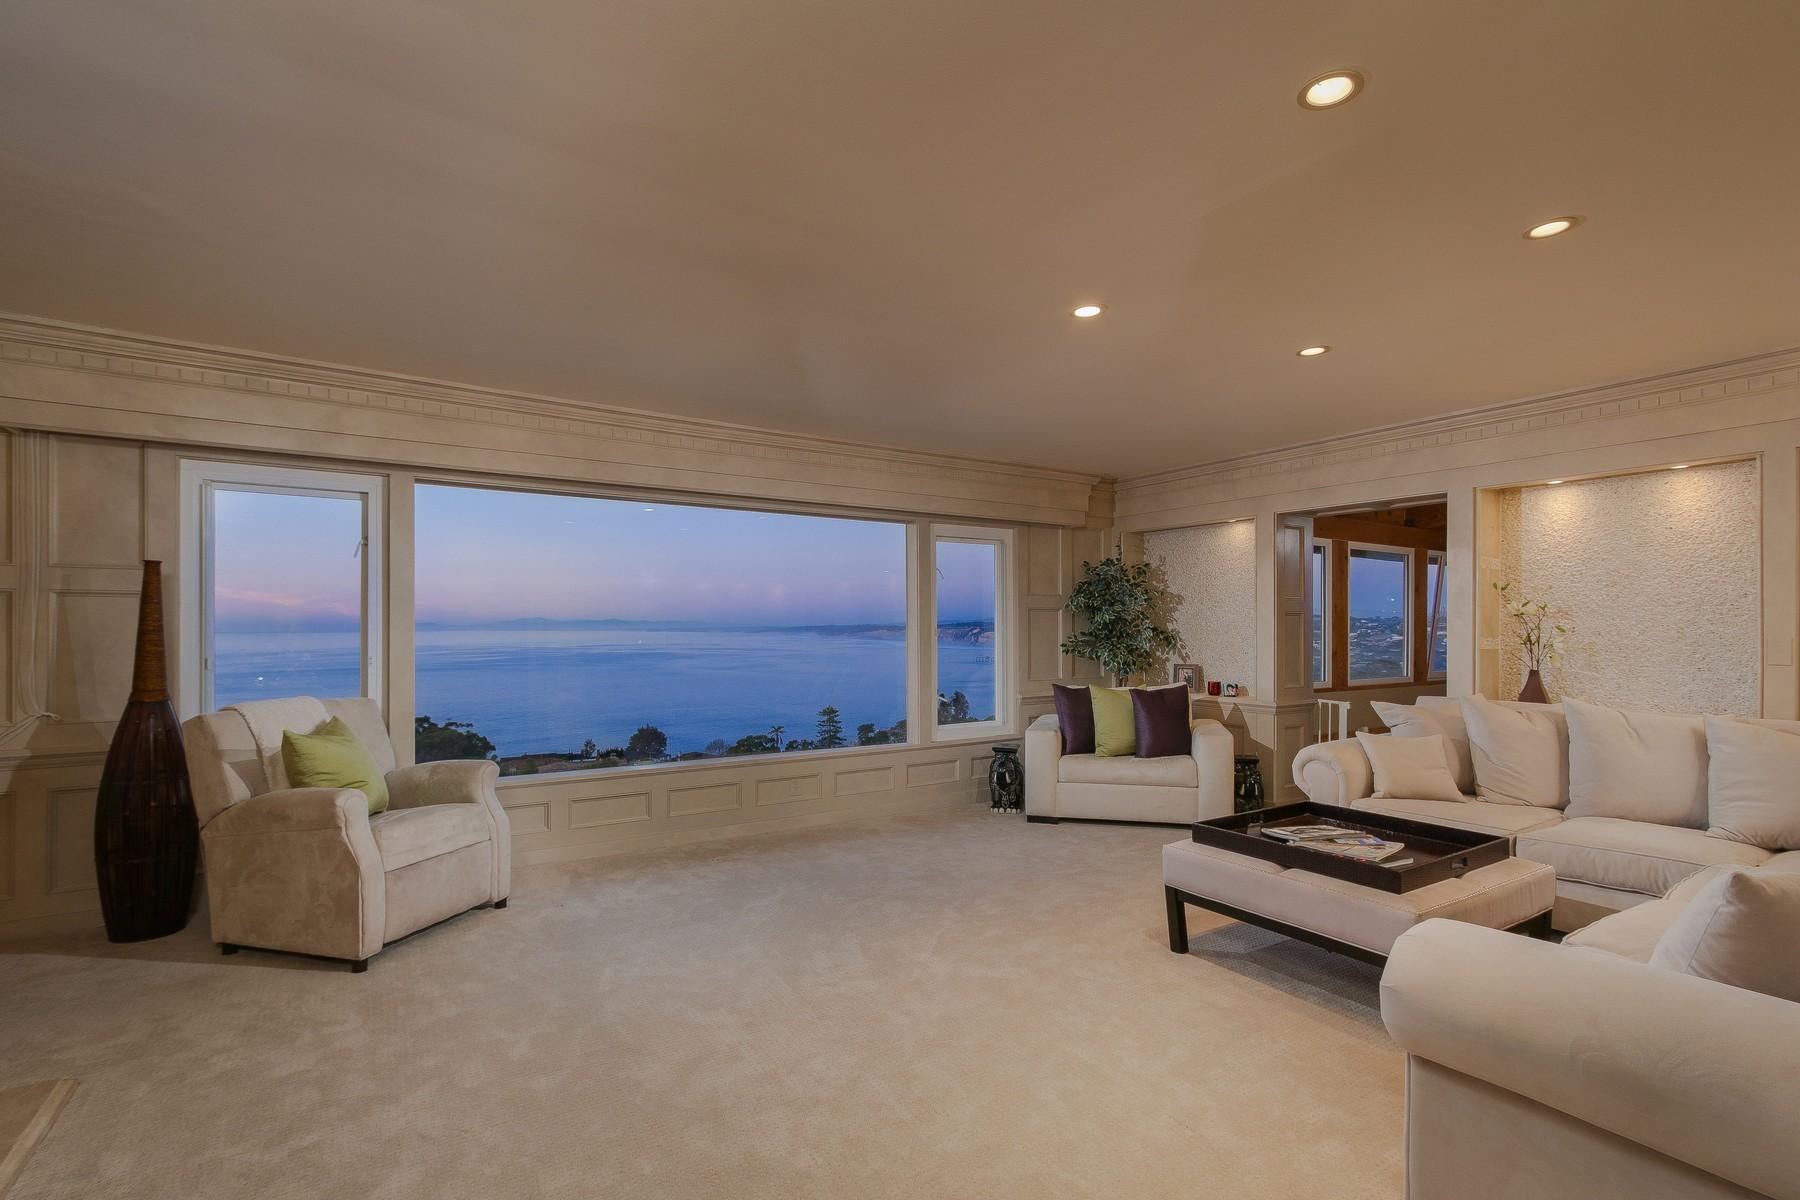 단독 가정 주택 용 매매 에 1630 Crespo Drive La Jolla, 캘리포니아, 92037 미국